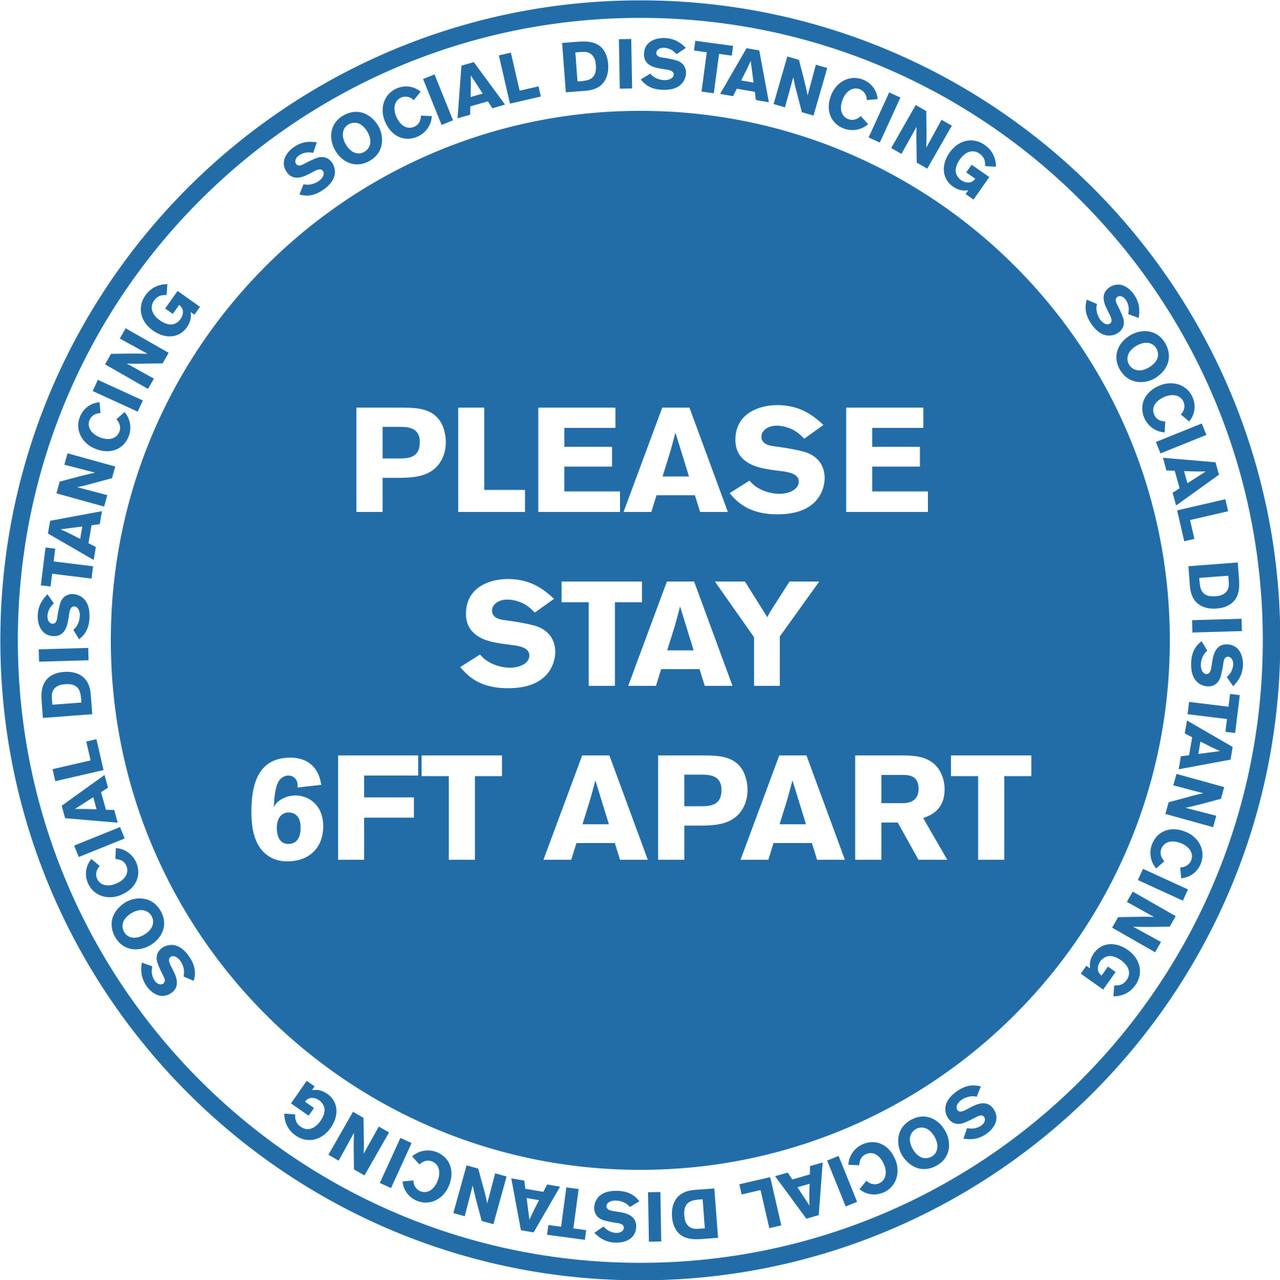 Social Distancing Floor Decal | Covid-19 Floor Sticker | Coronavirus Floor Decal | Social Distancing Floor Sign | Pandemic Floor Sticker